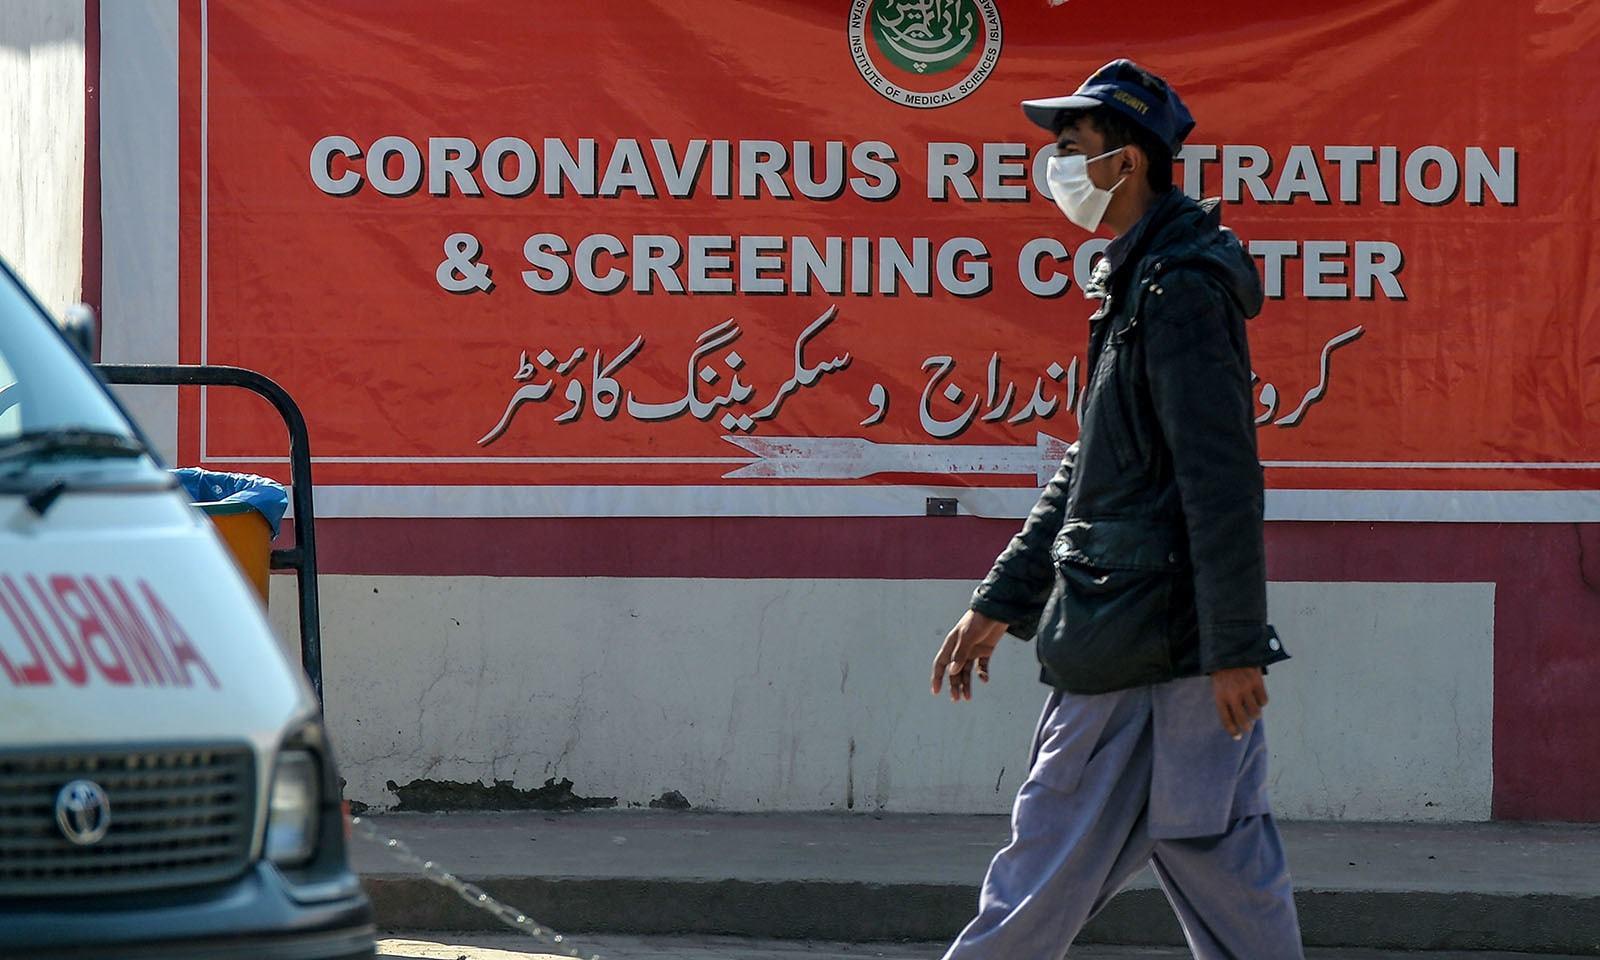 اگر کورونا وائرس کا شبہ ہو تو آپ کو کیا کرنا چاہیے؟